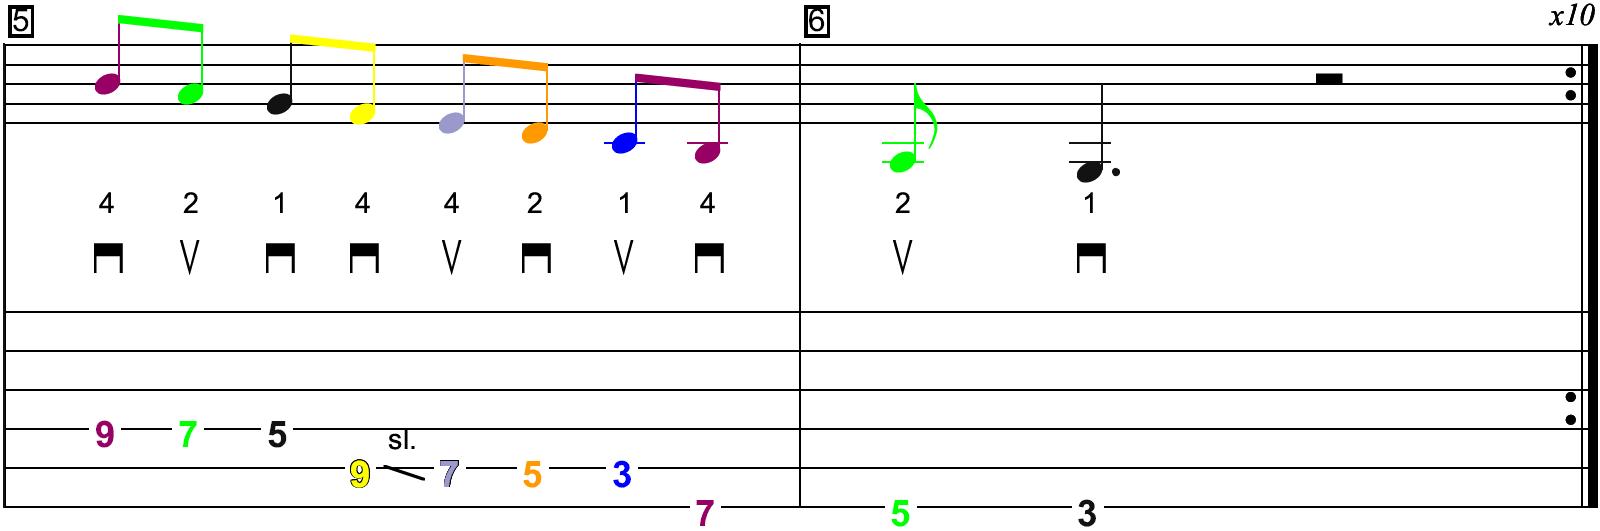 La gamme majeure de Sol en démanché (jeu latéral) - Schéma n°1 sur la partition et la tablature (page 3)